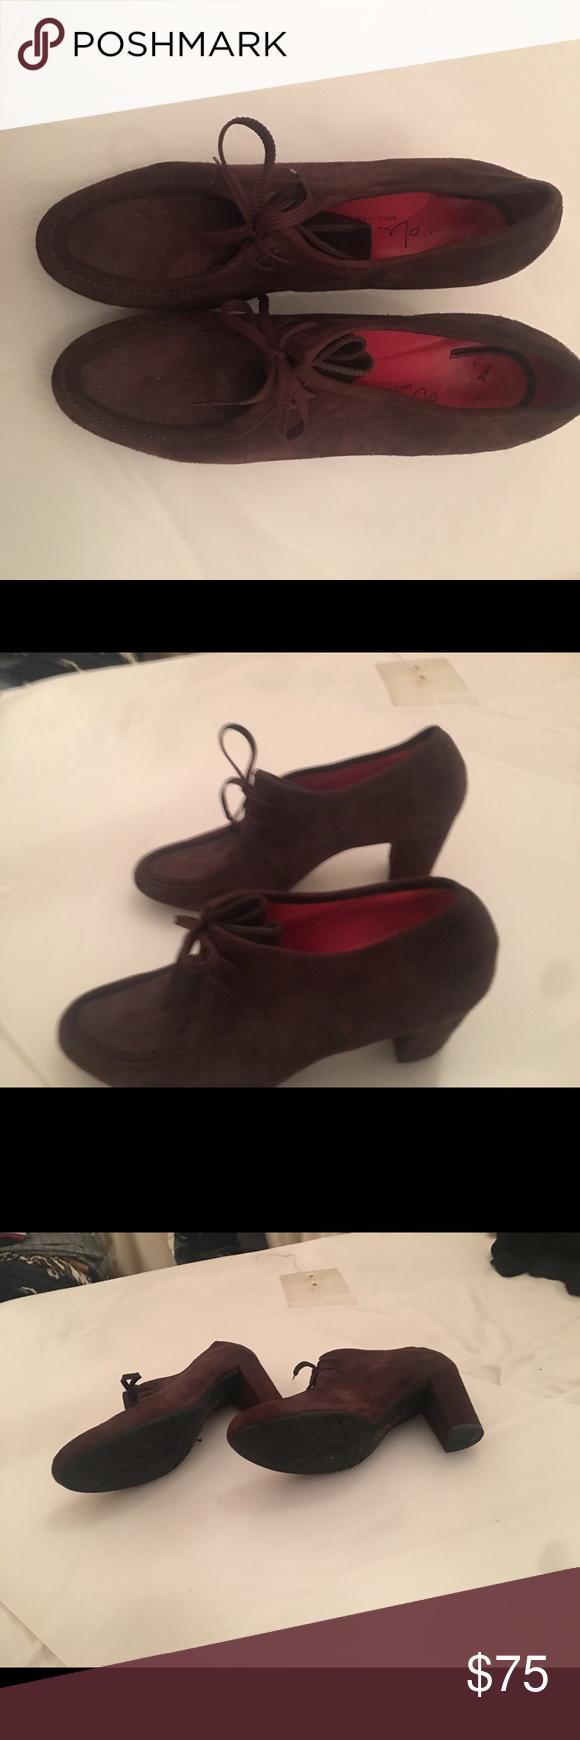 Pas De Rouge Brown Suede Shoes size 11 in 2020 Shoes